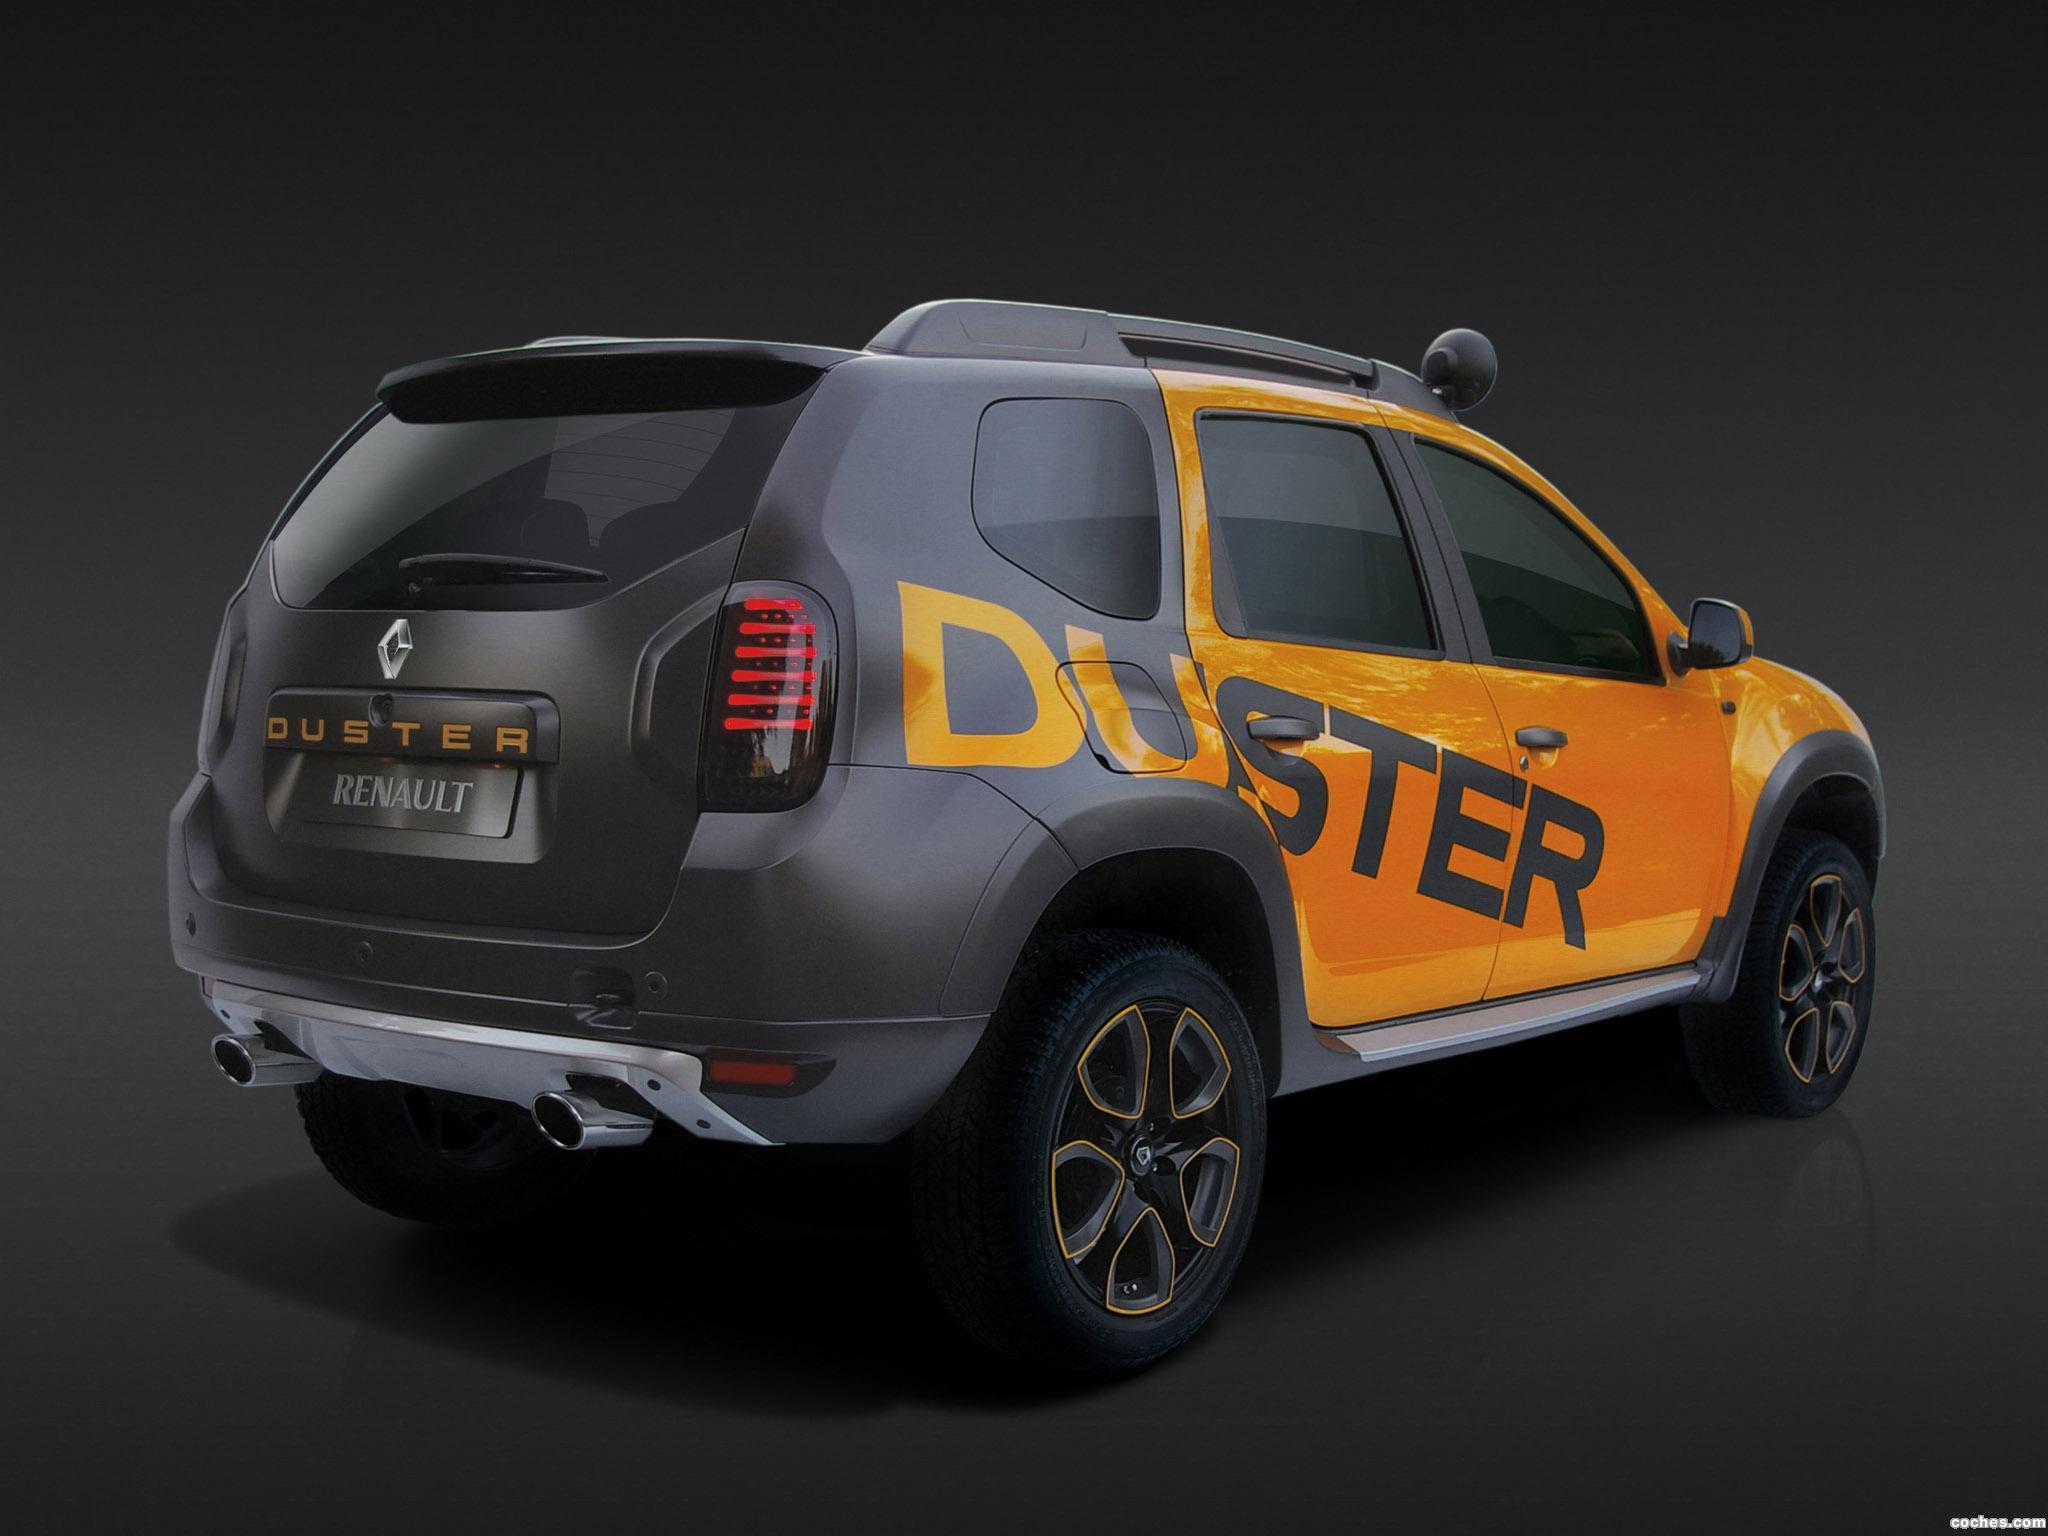 Foto 5 de Renault Duster Detour Concept 2013